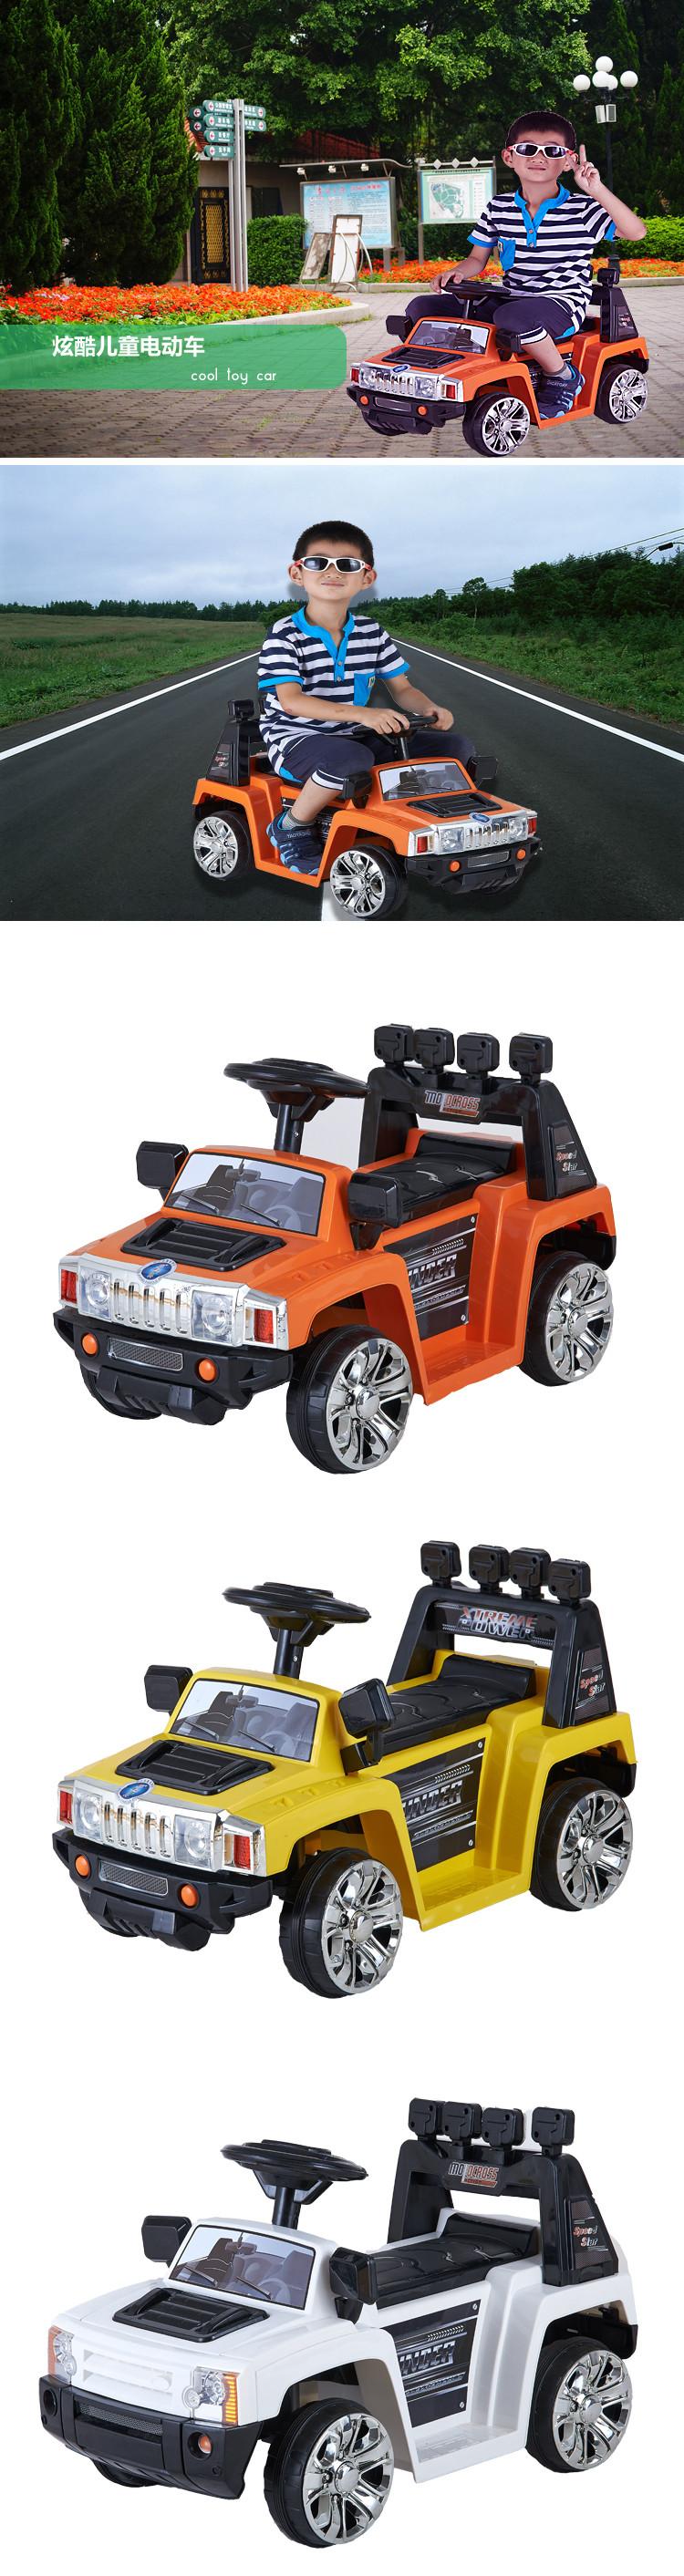 我就是帅 维克斯儿童电动车电动汽车宝宝电动童车双驱